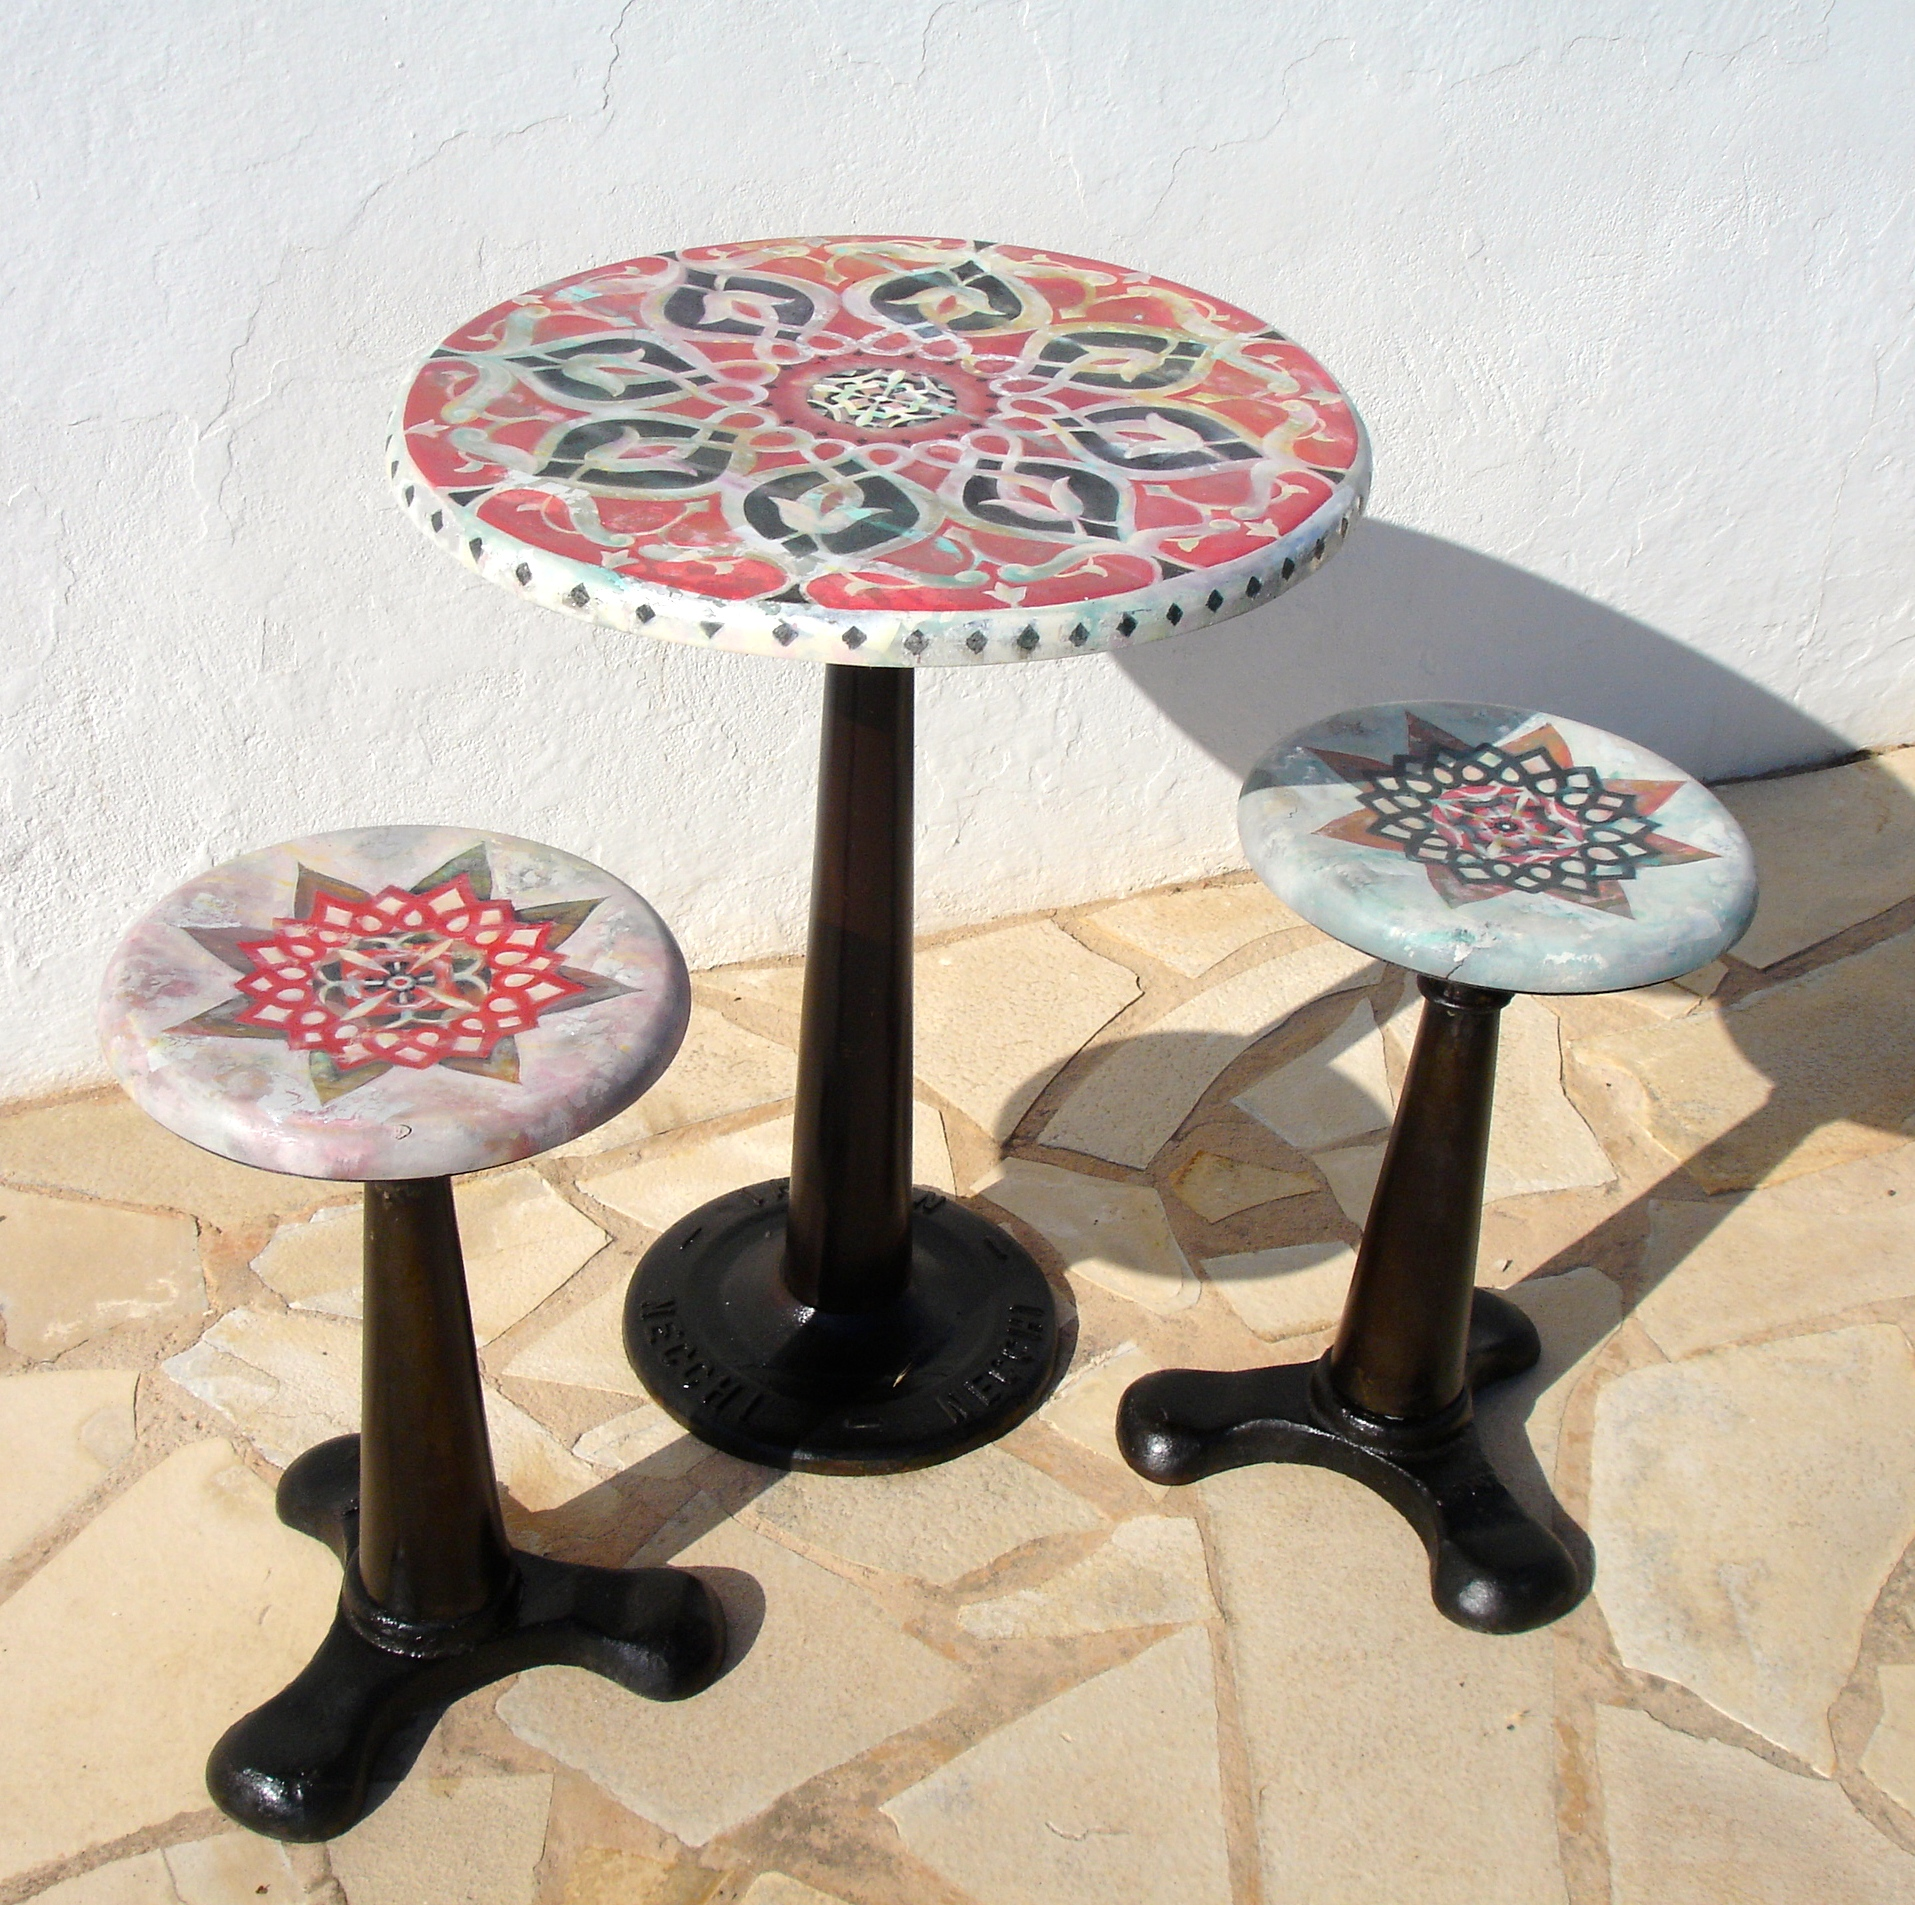 Mandala Table